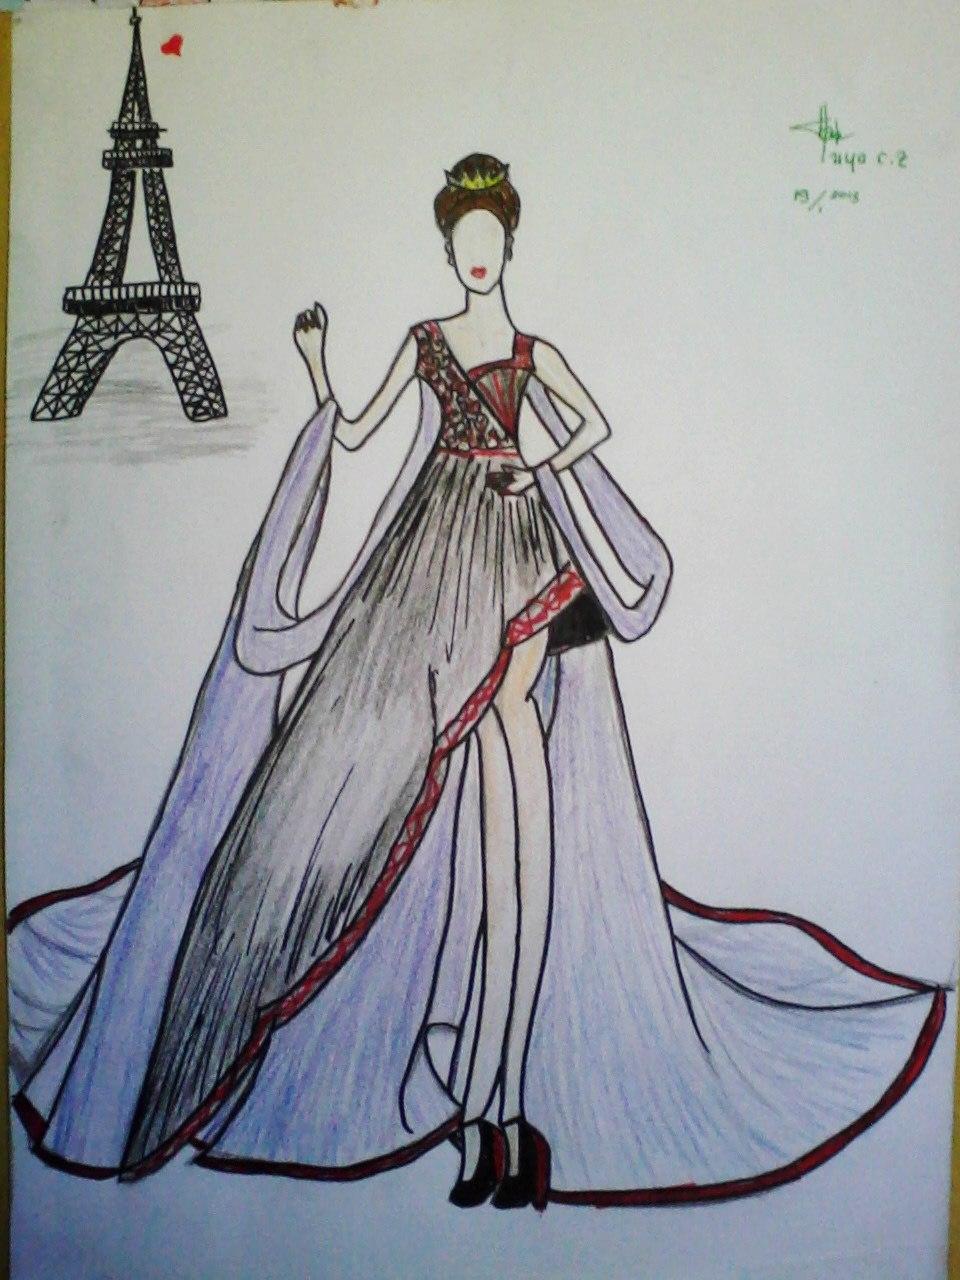 Gambar Desain Baju Batik Remaja - Koleksi Gambar HD